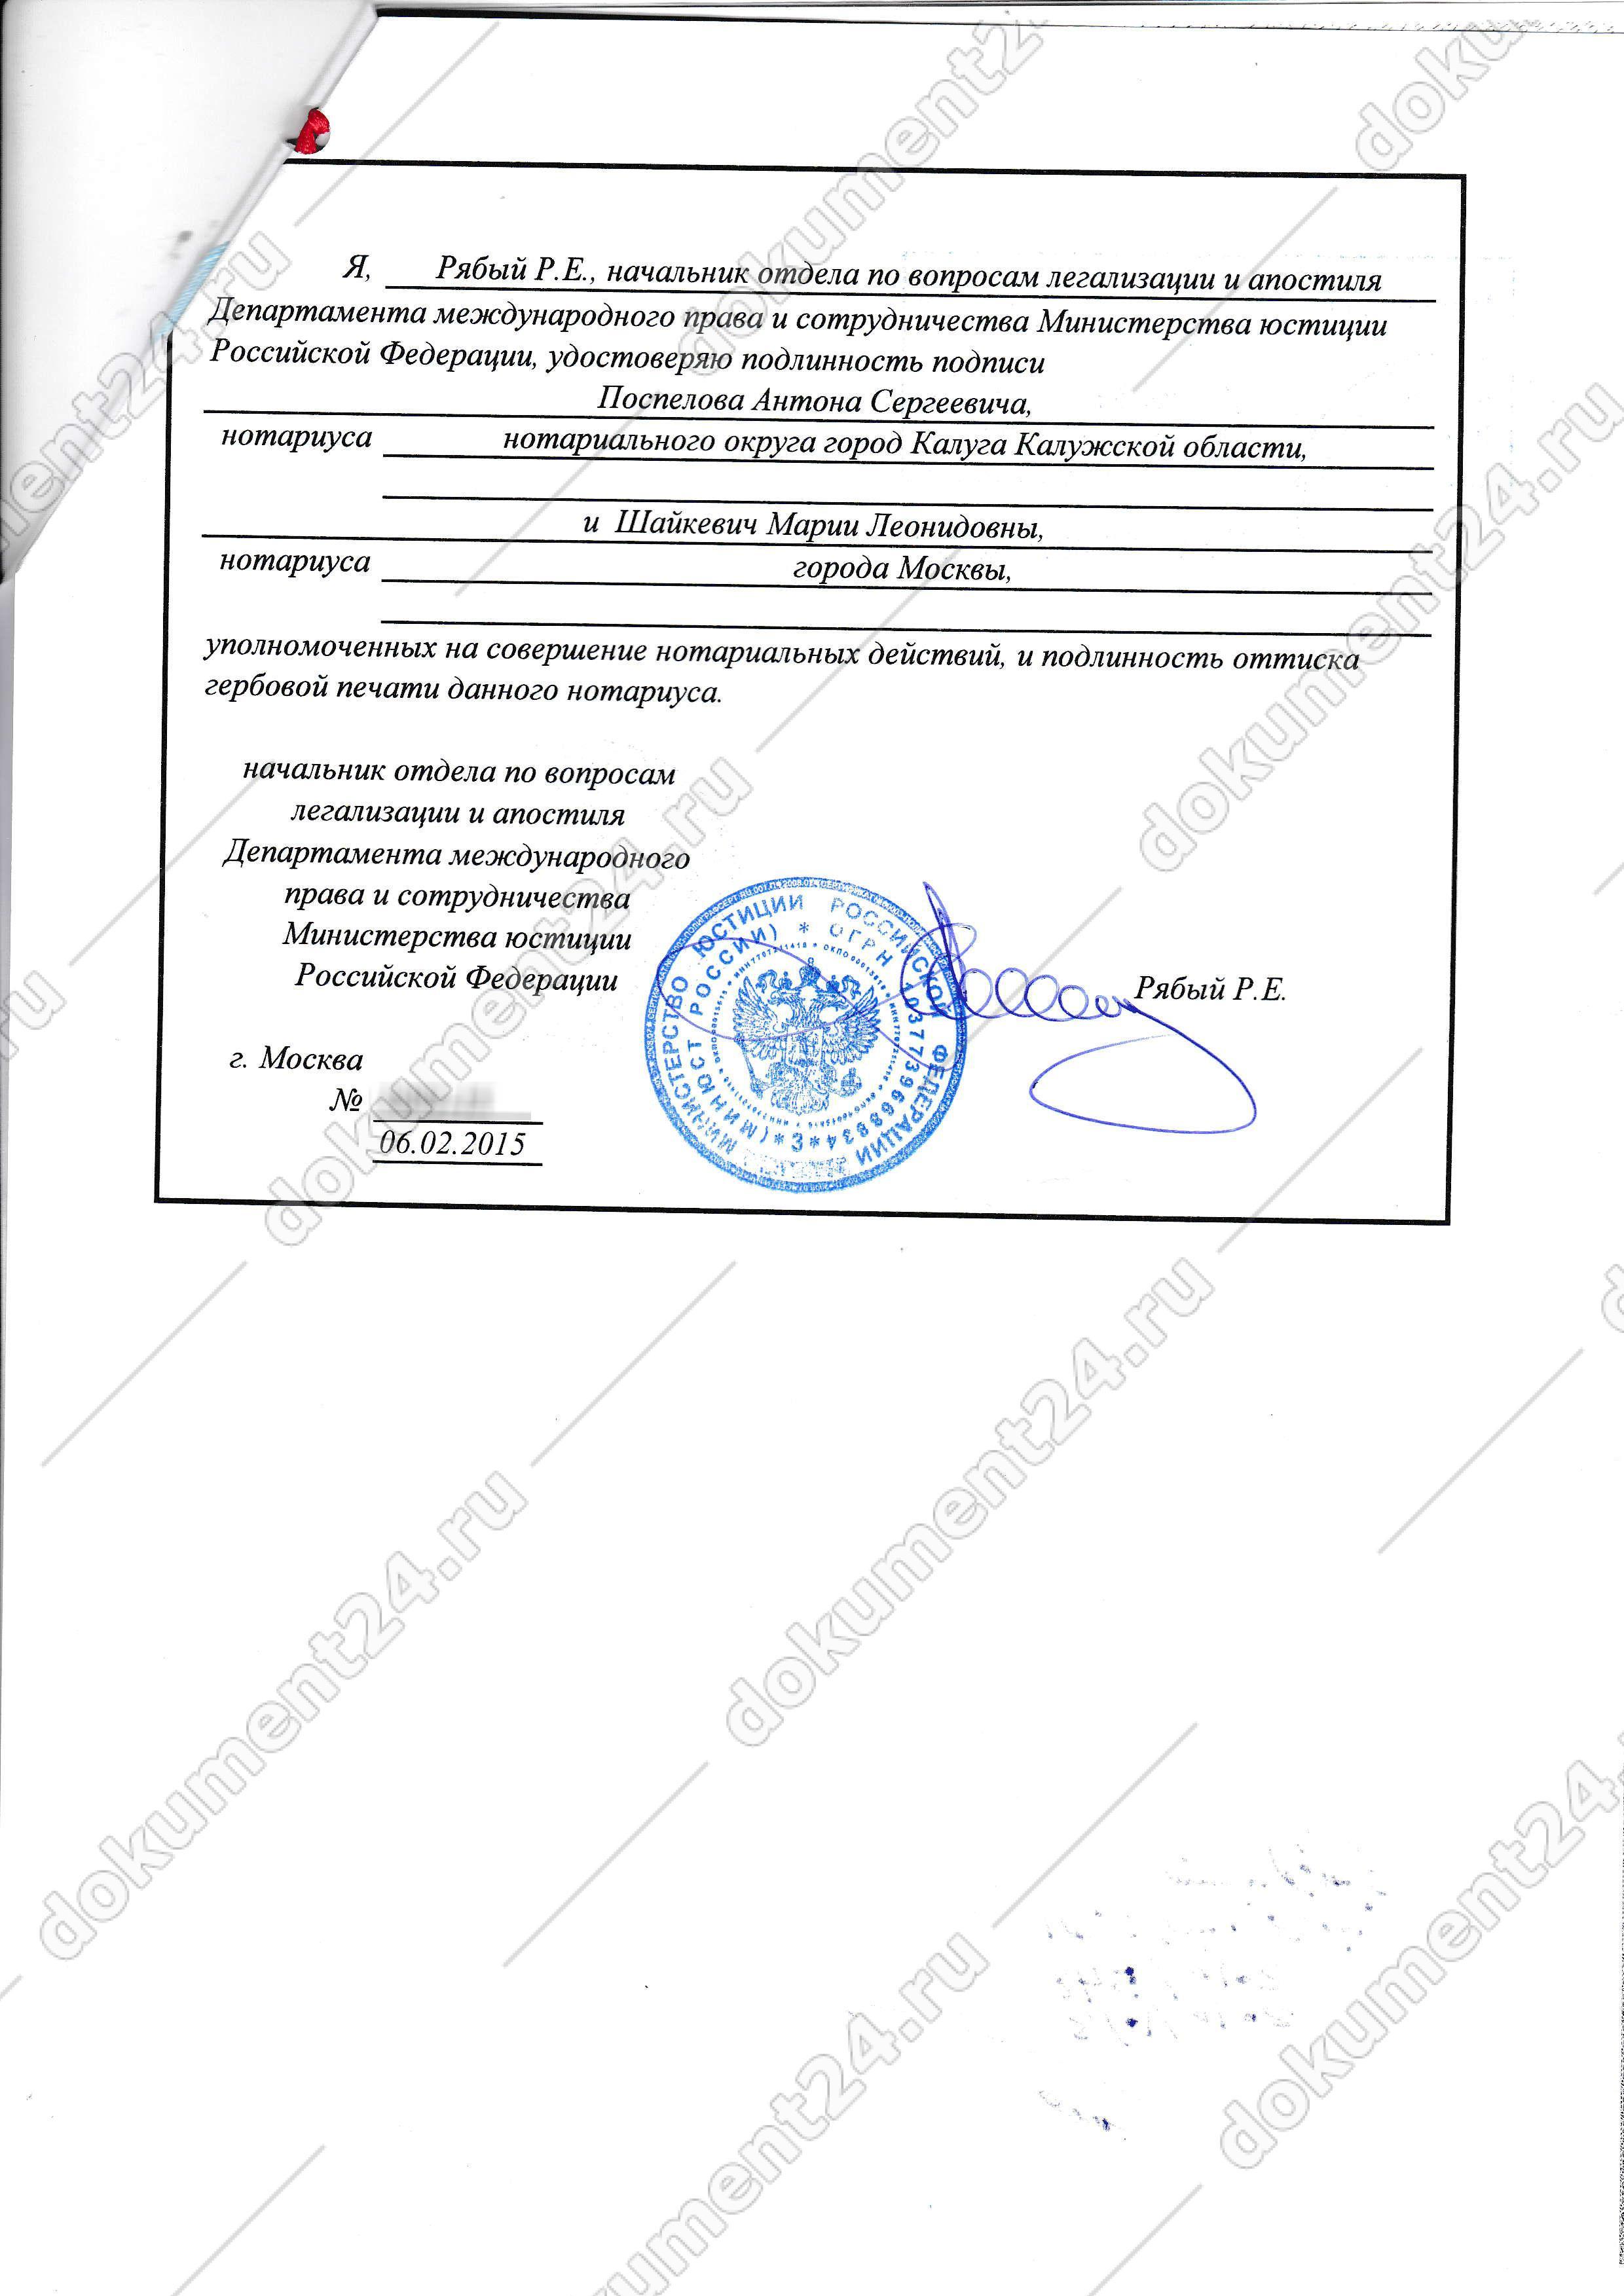 Легализация диплома для двух стран ОАЭ и Кувейт 5